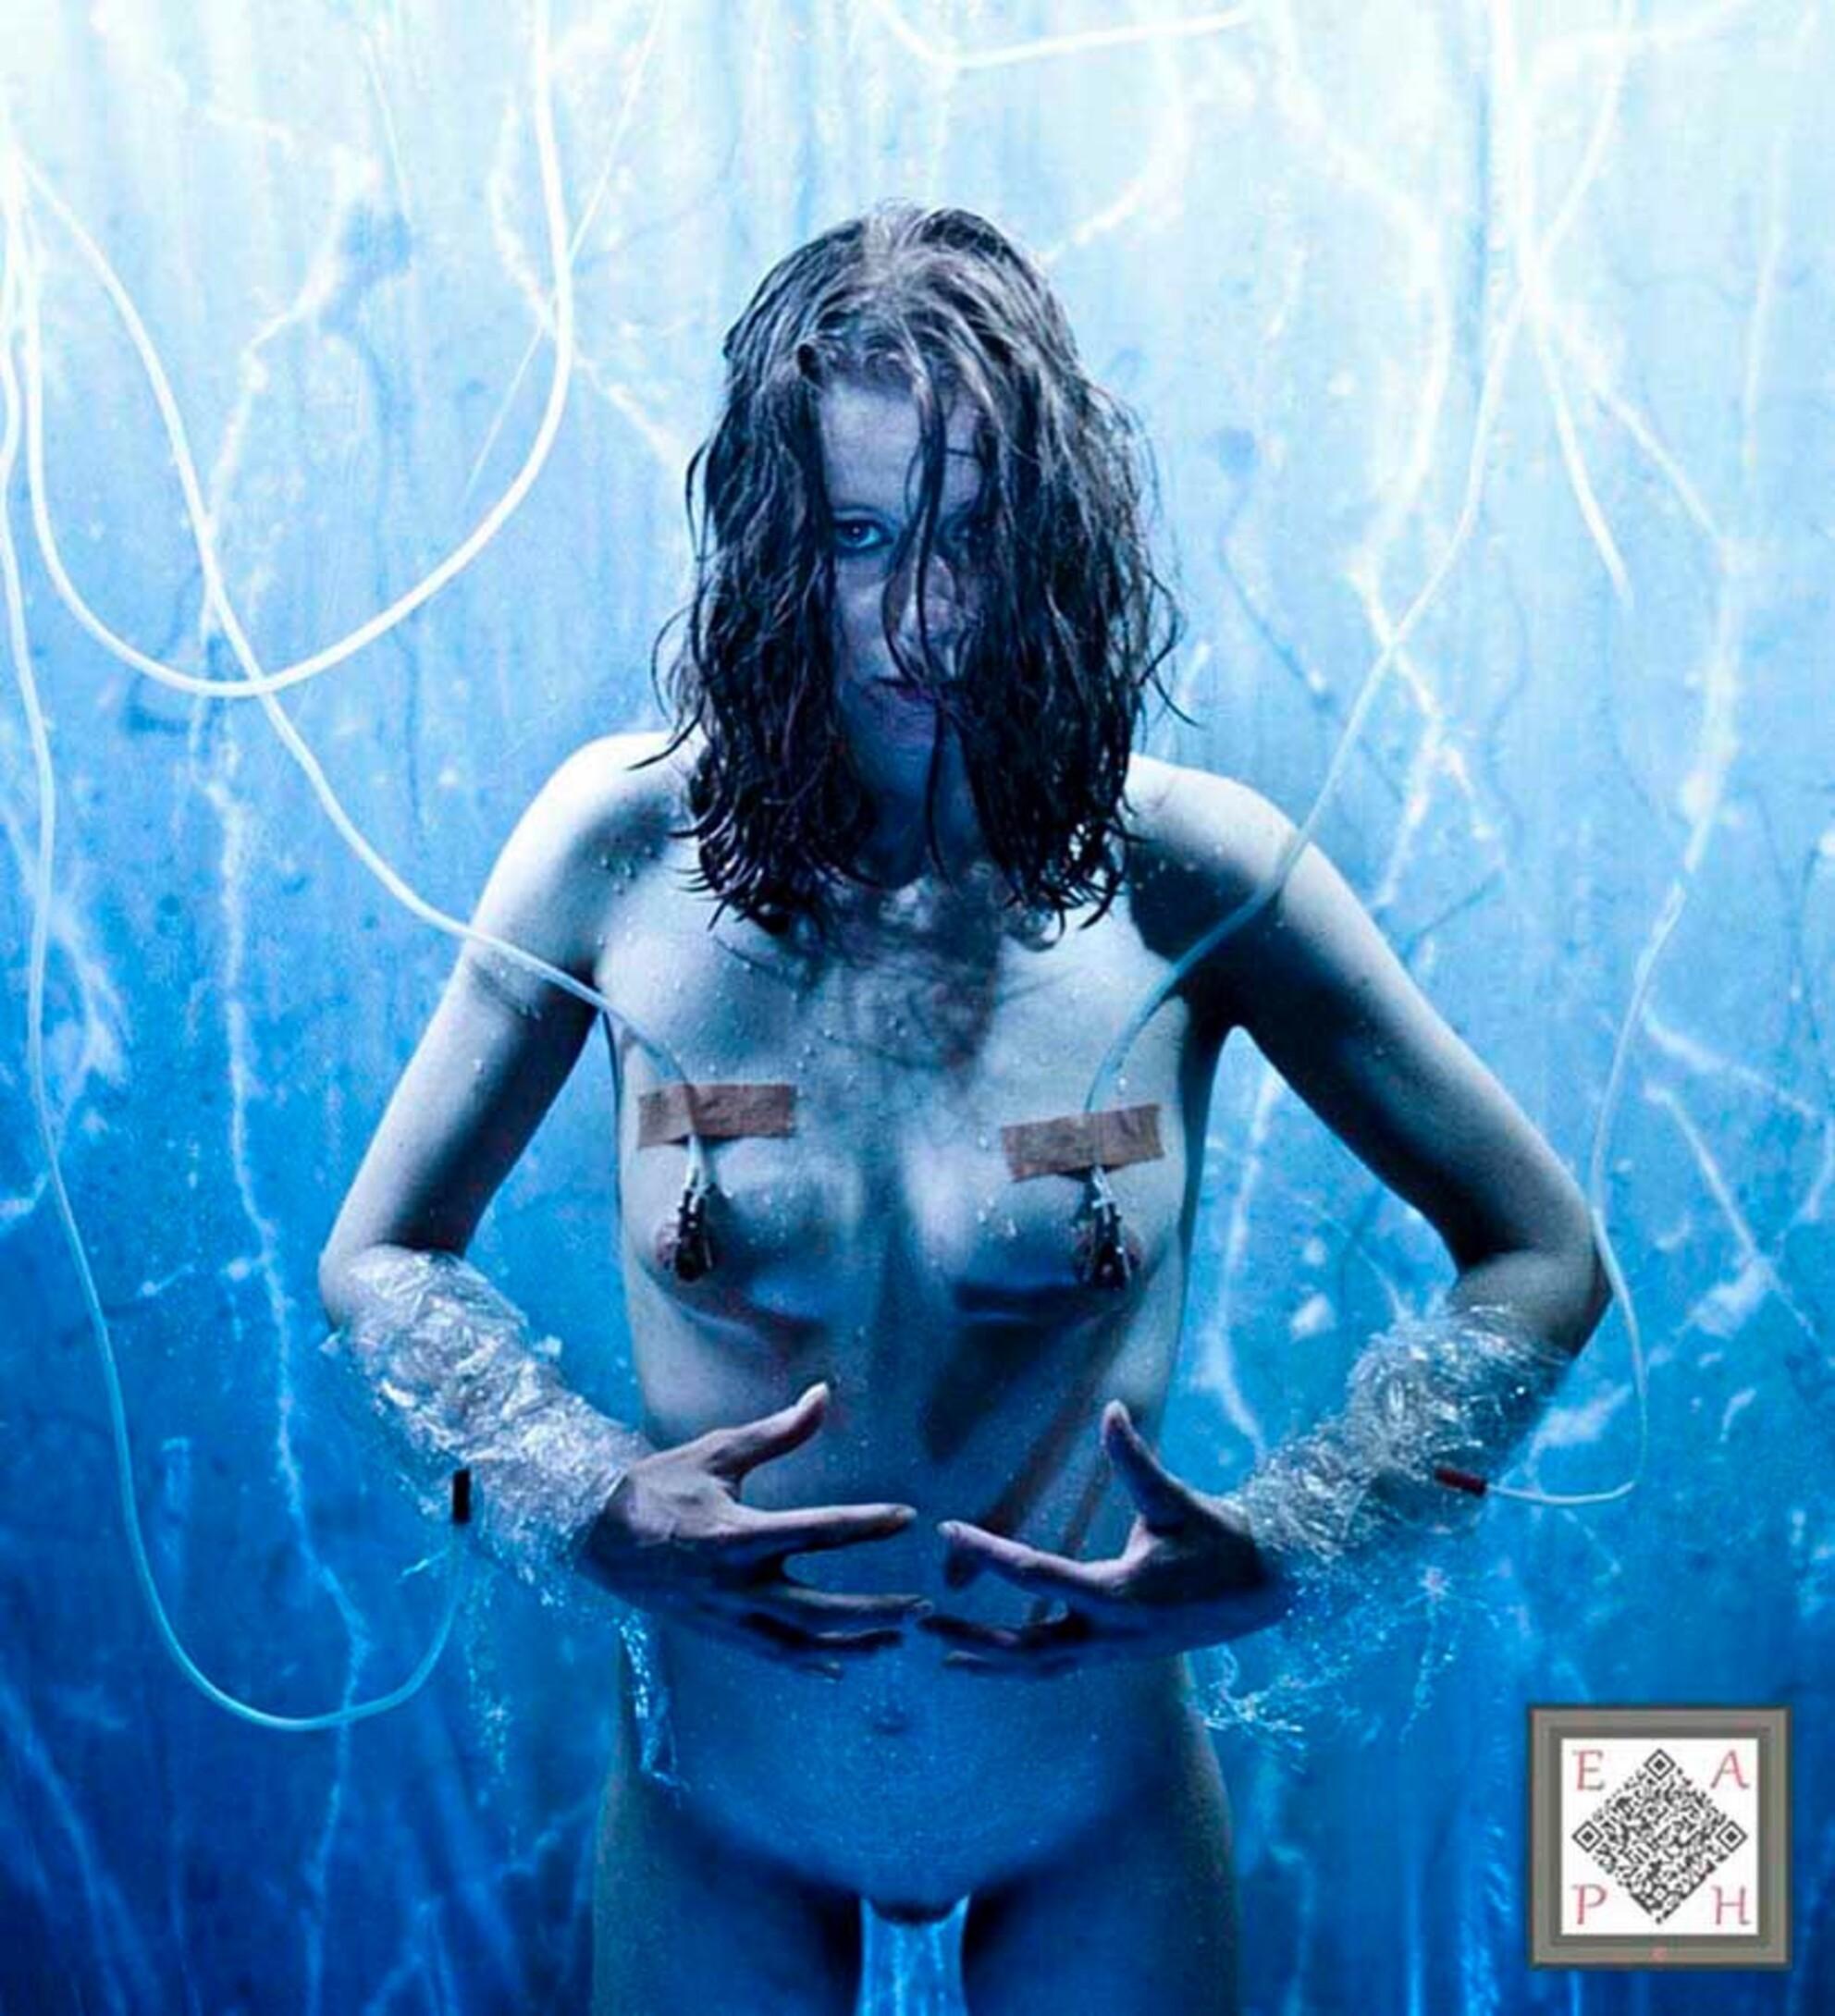 KEEP IT COOL ! - KEEP IT COOL ! - foto door gertjanvannoorden op 02-03-2021 - deze foto bevat: vrouw, abstract, soft, portret, schaduw, model, tegenlicht, erotiek, naakt, studio, fotoshoot, artistiek - Deze foto mag gebruikt worden in een Zoom.nl publicatie